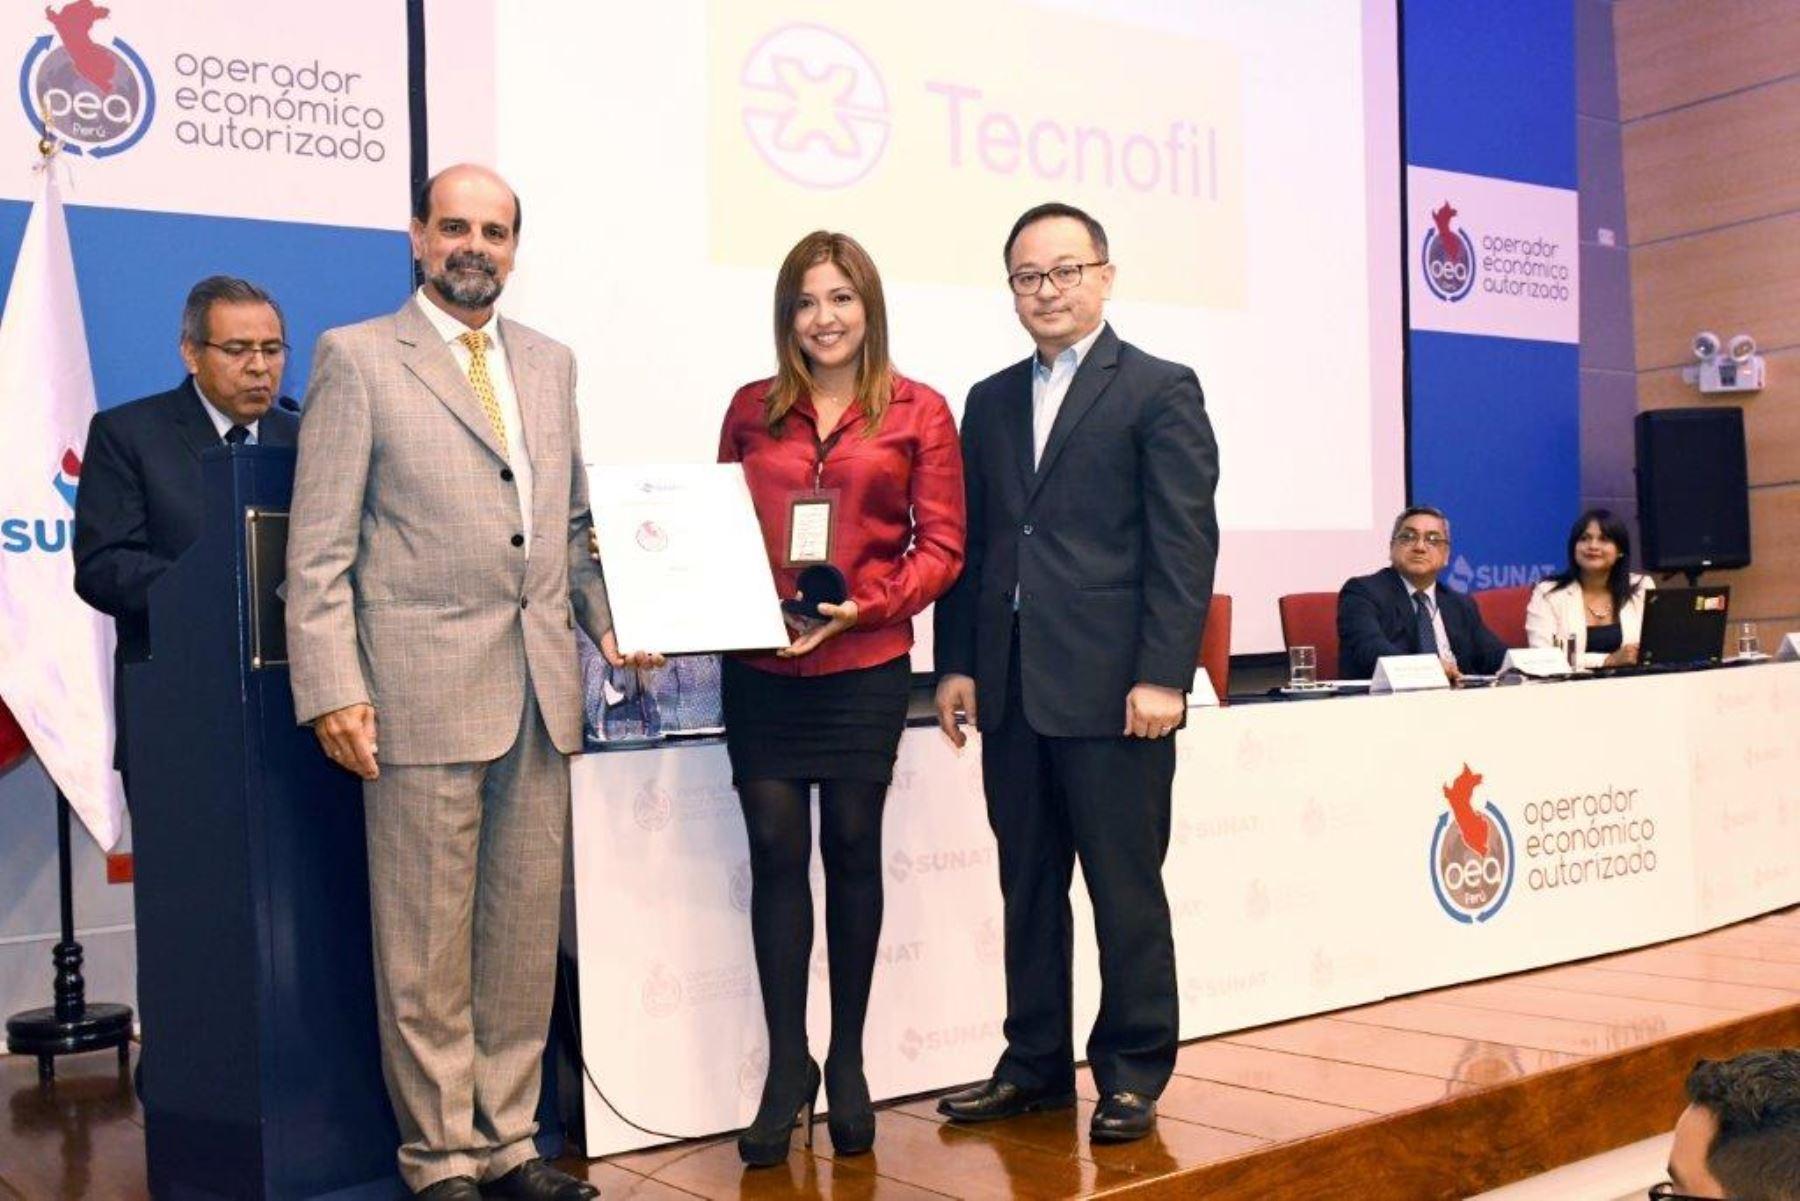 Sunat acredita a nuevo Operador Económico Autorizado. Foto: Cortesía Sunat.